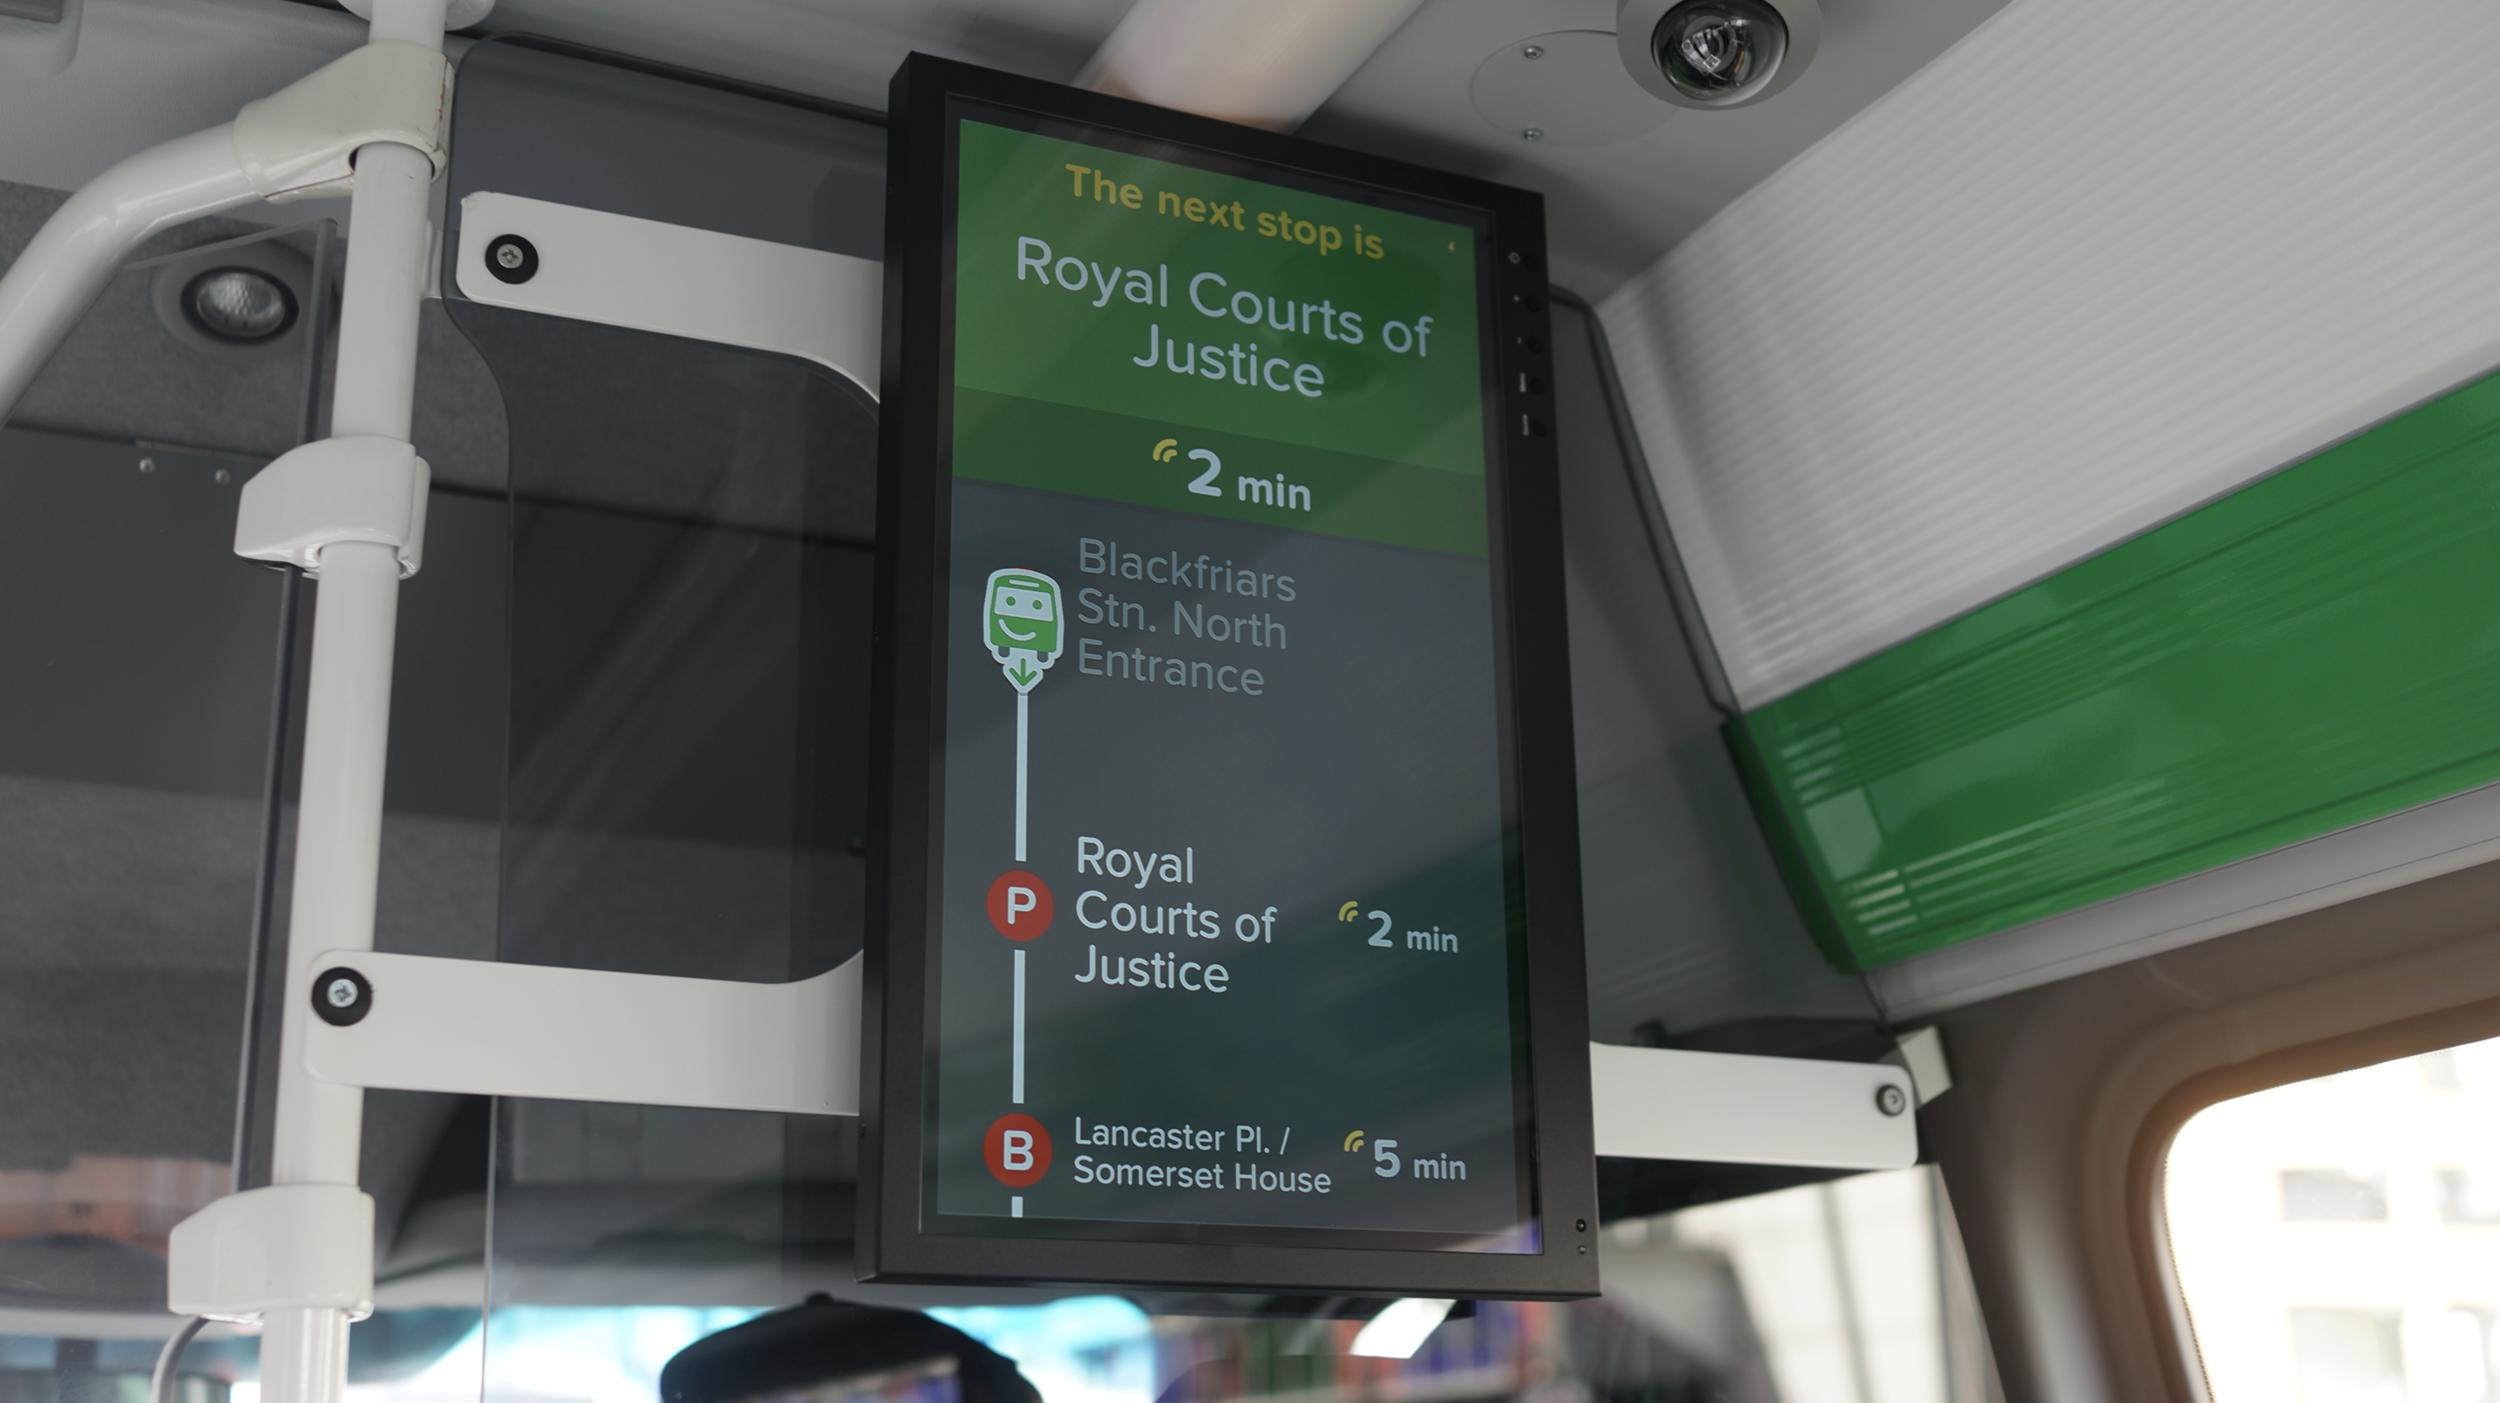 The integrated Smartbus screens providing live location and ETA data via live Bus APIs and app data